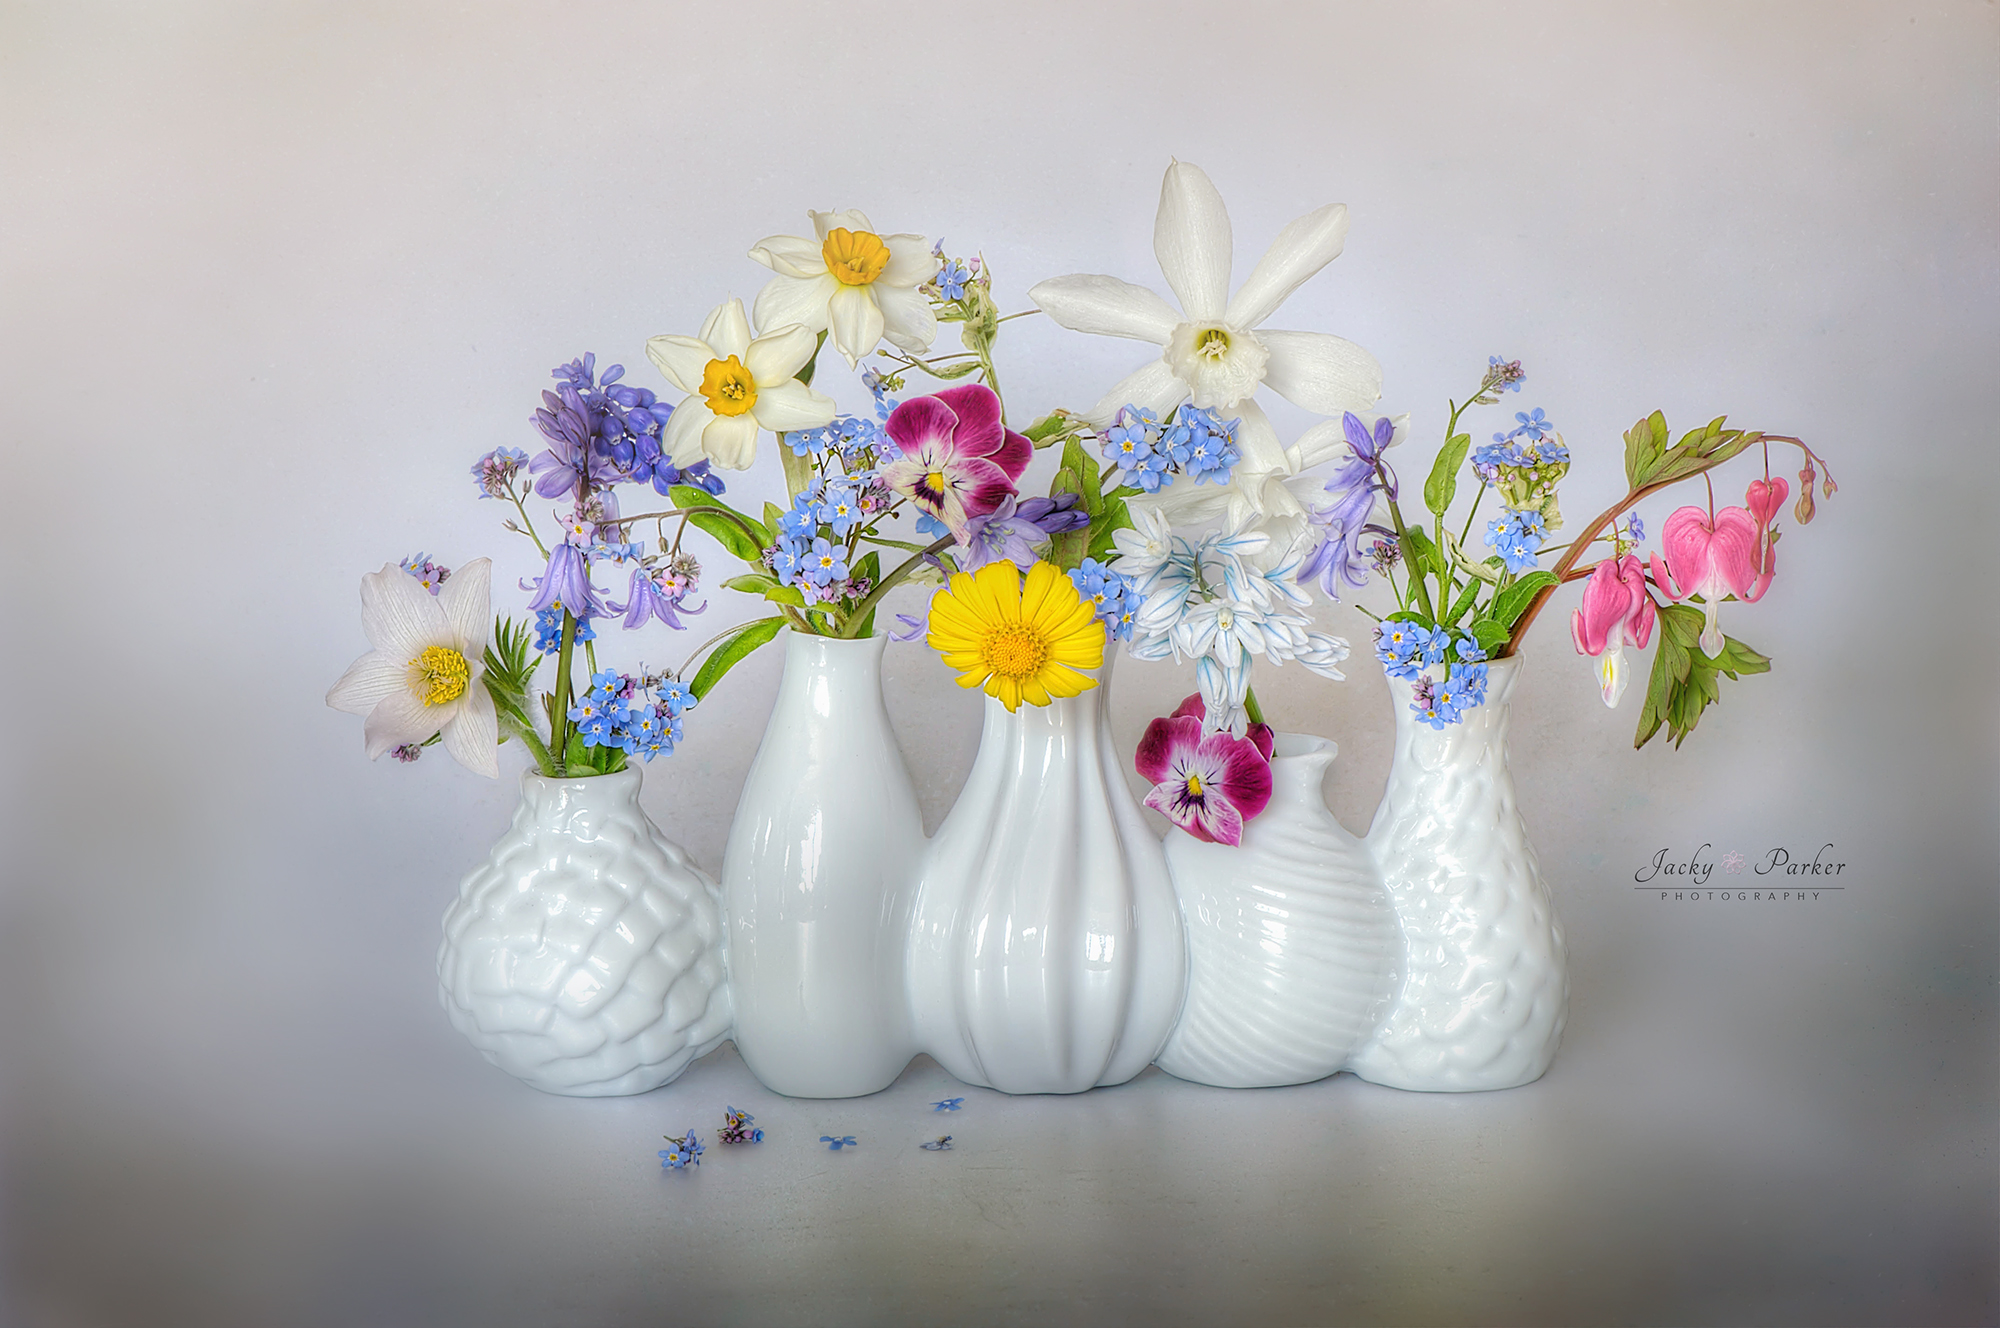 Still Life Flowers Jacky Parker